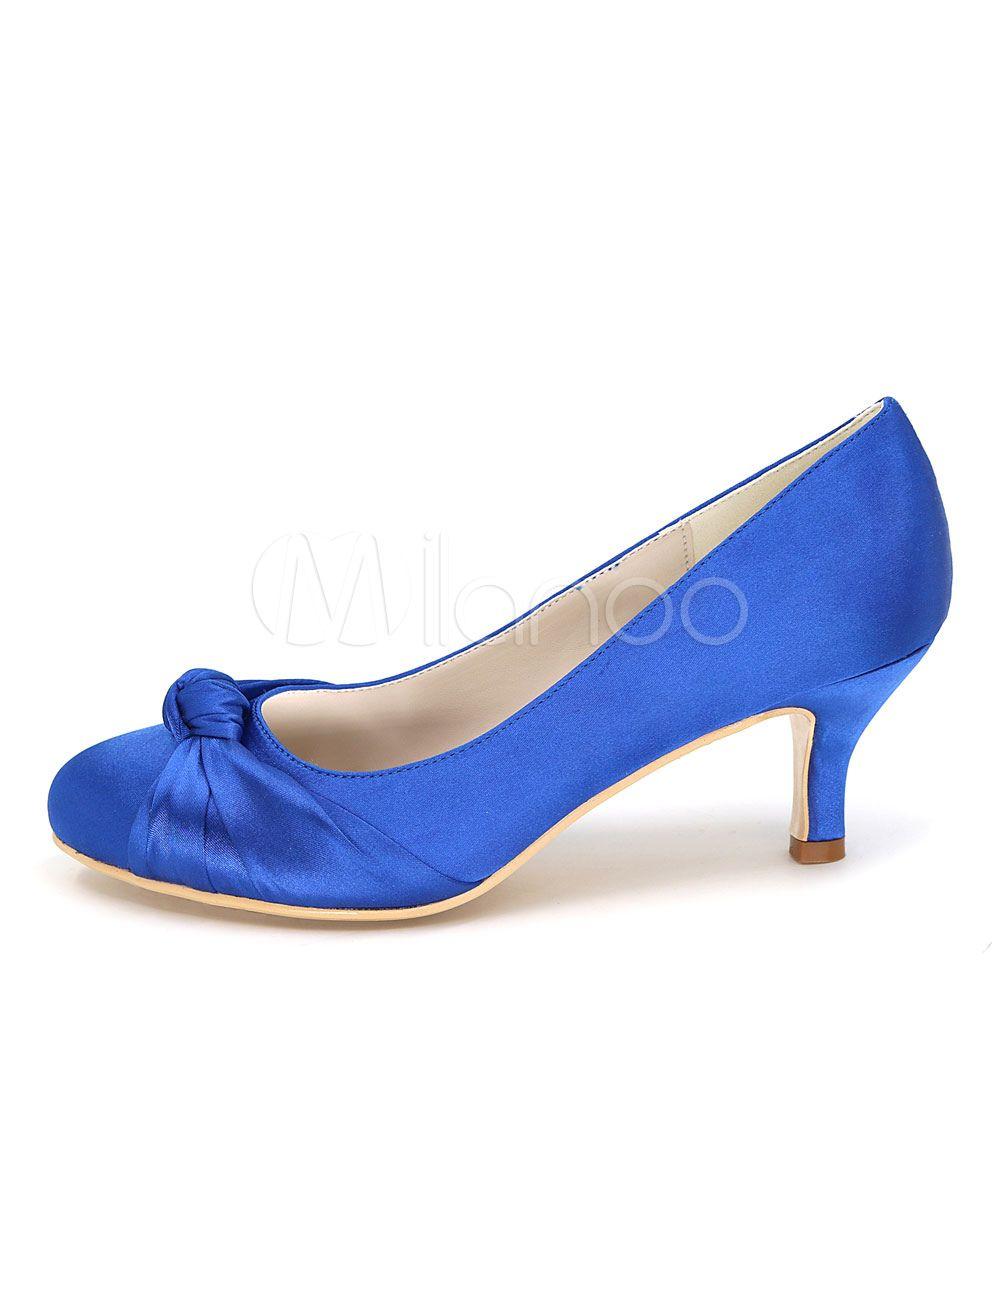 Blaue Hochzeit Schuhe Kitten Heel Verdreht Runde Spitze Slip On